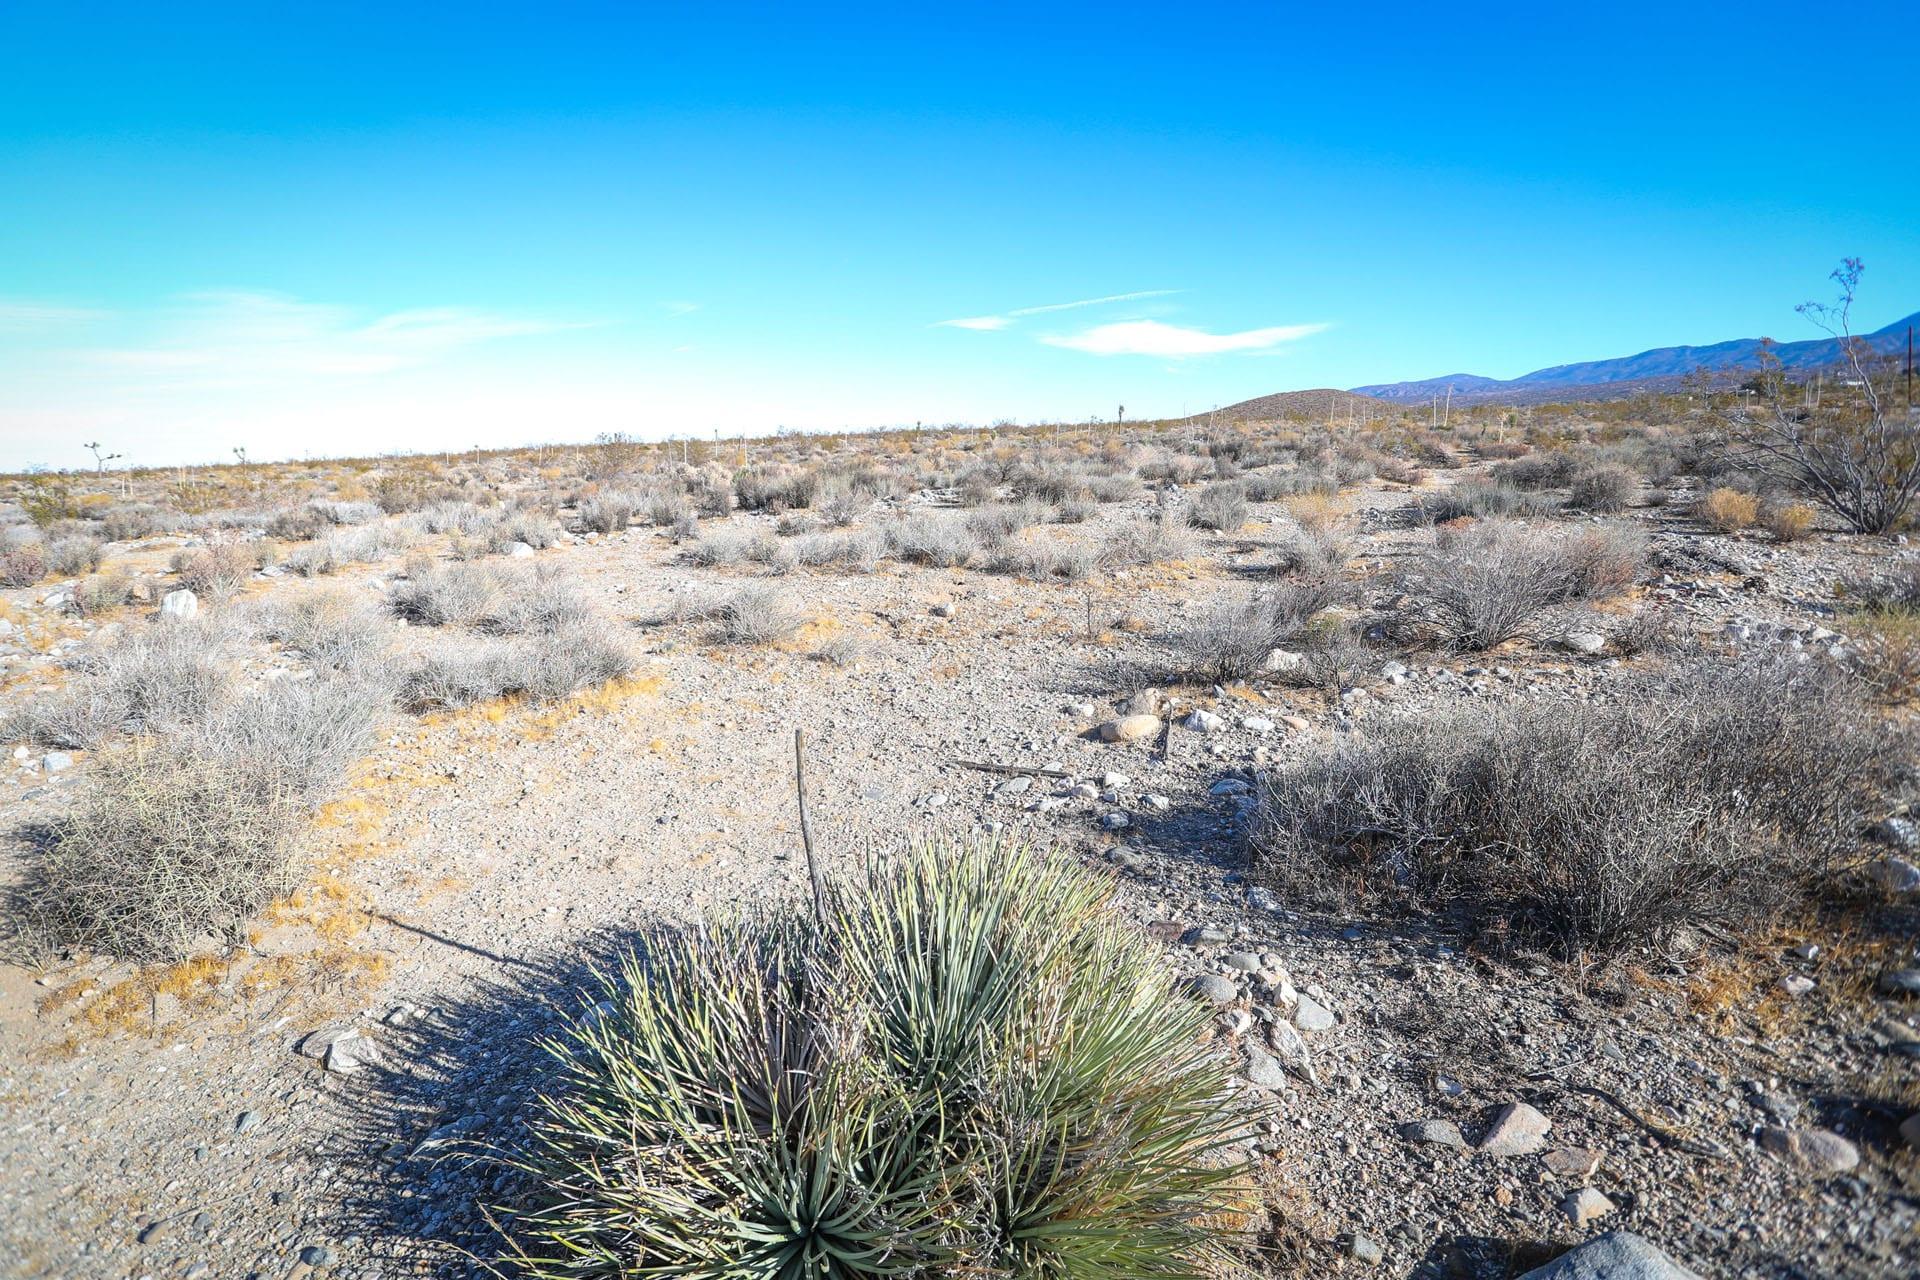 Sage brush in the vast desert area